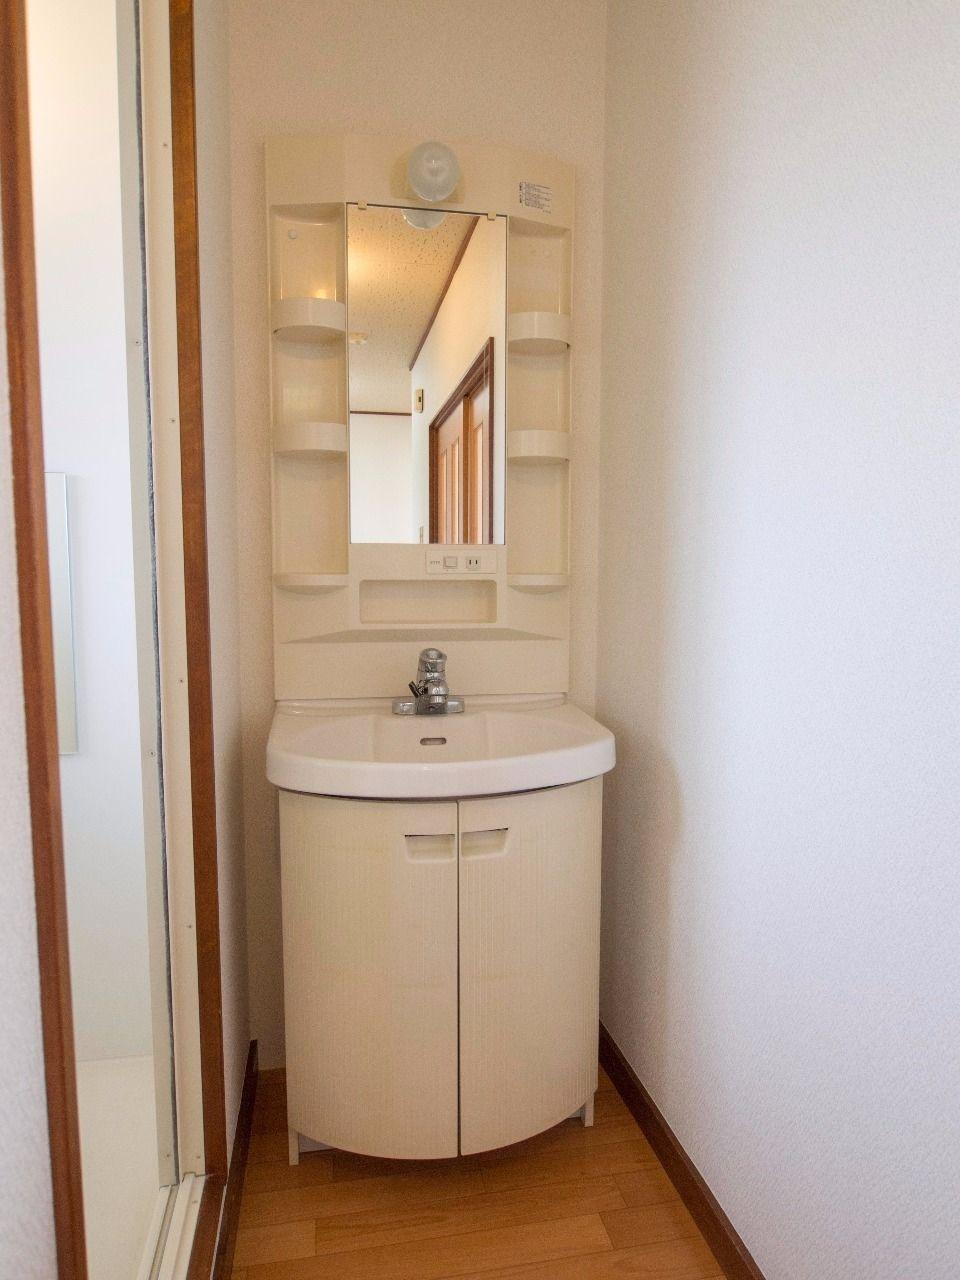 収納段の付いた使い勝手の良い洗面台